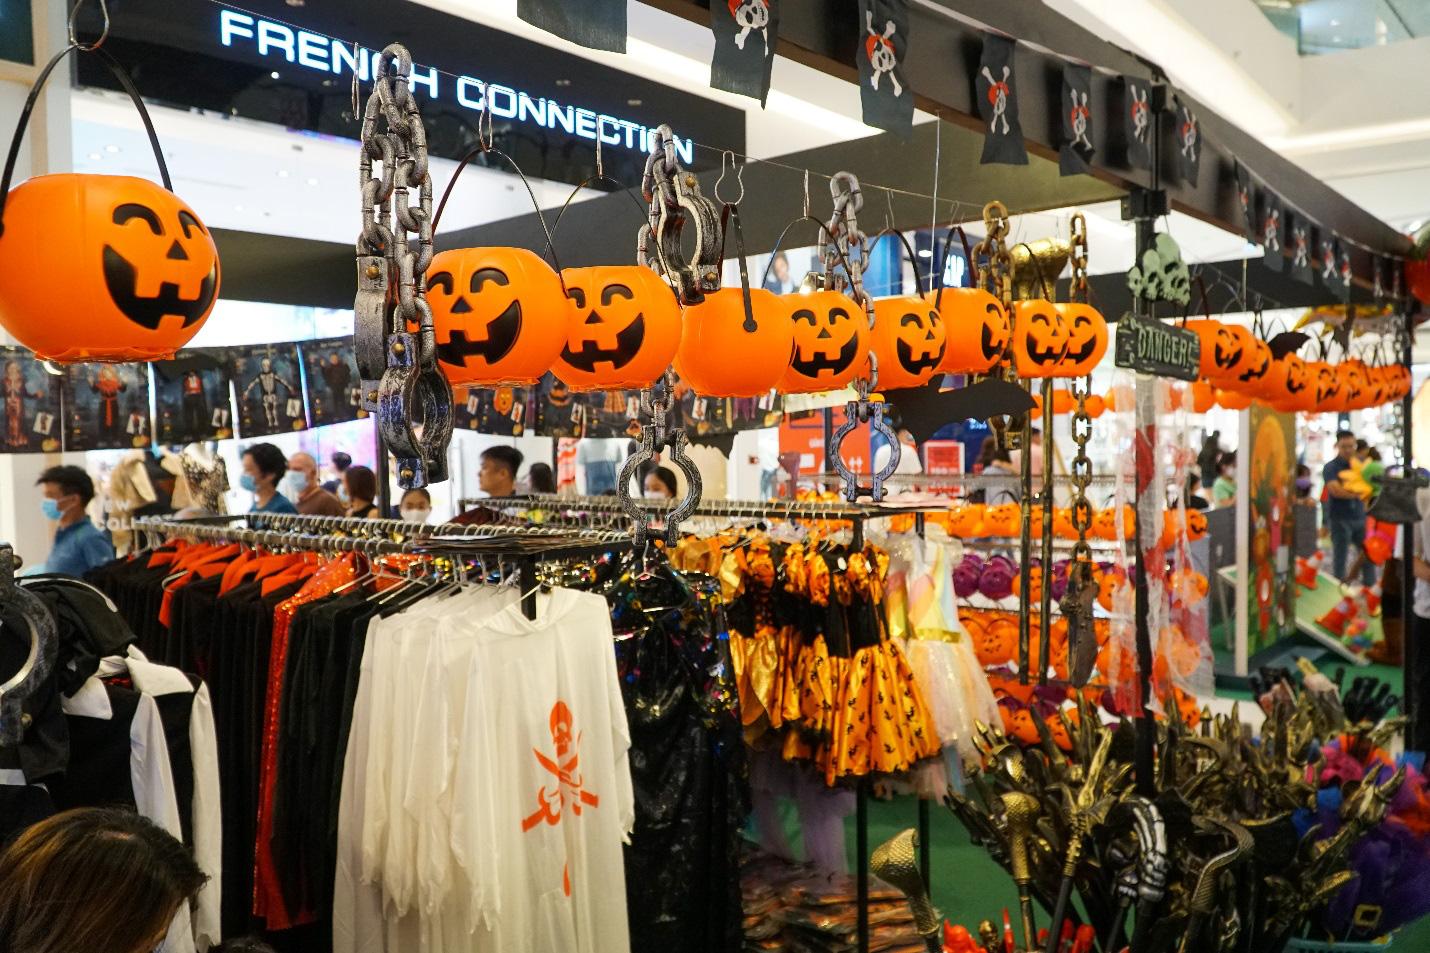 Nhập hội cây hay binh đoàn quái vật cùng so găng mùa Halloween - tháng 10 này tại Crescent Mall - Ảnh 5.